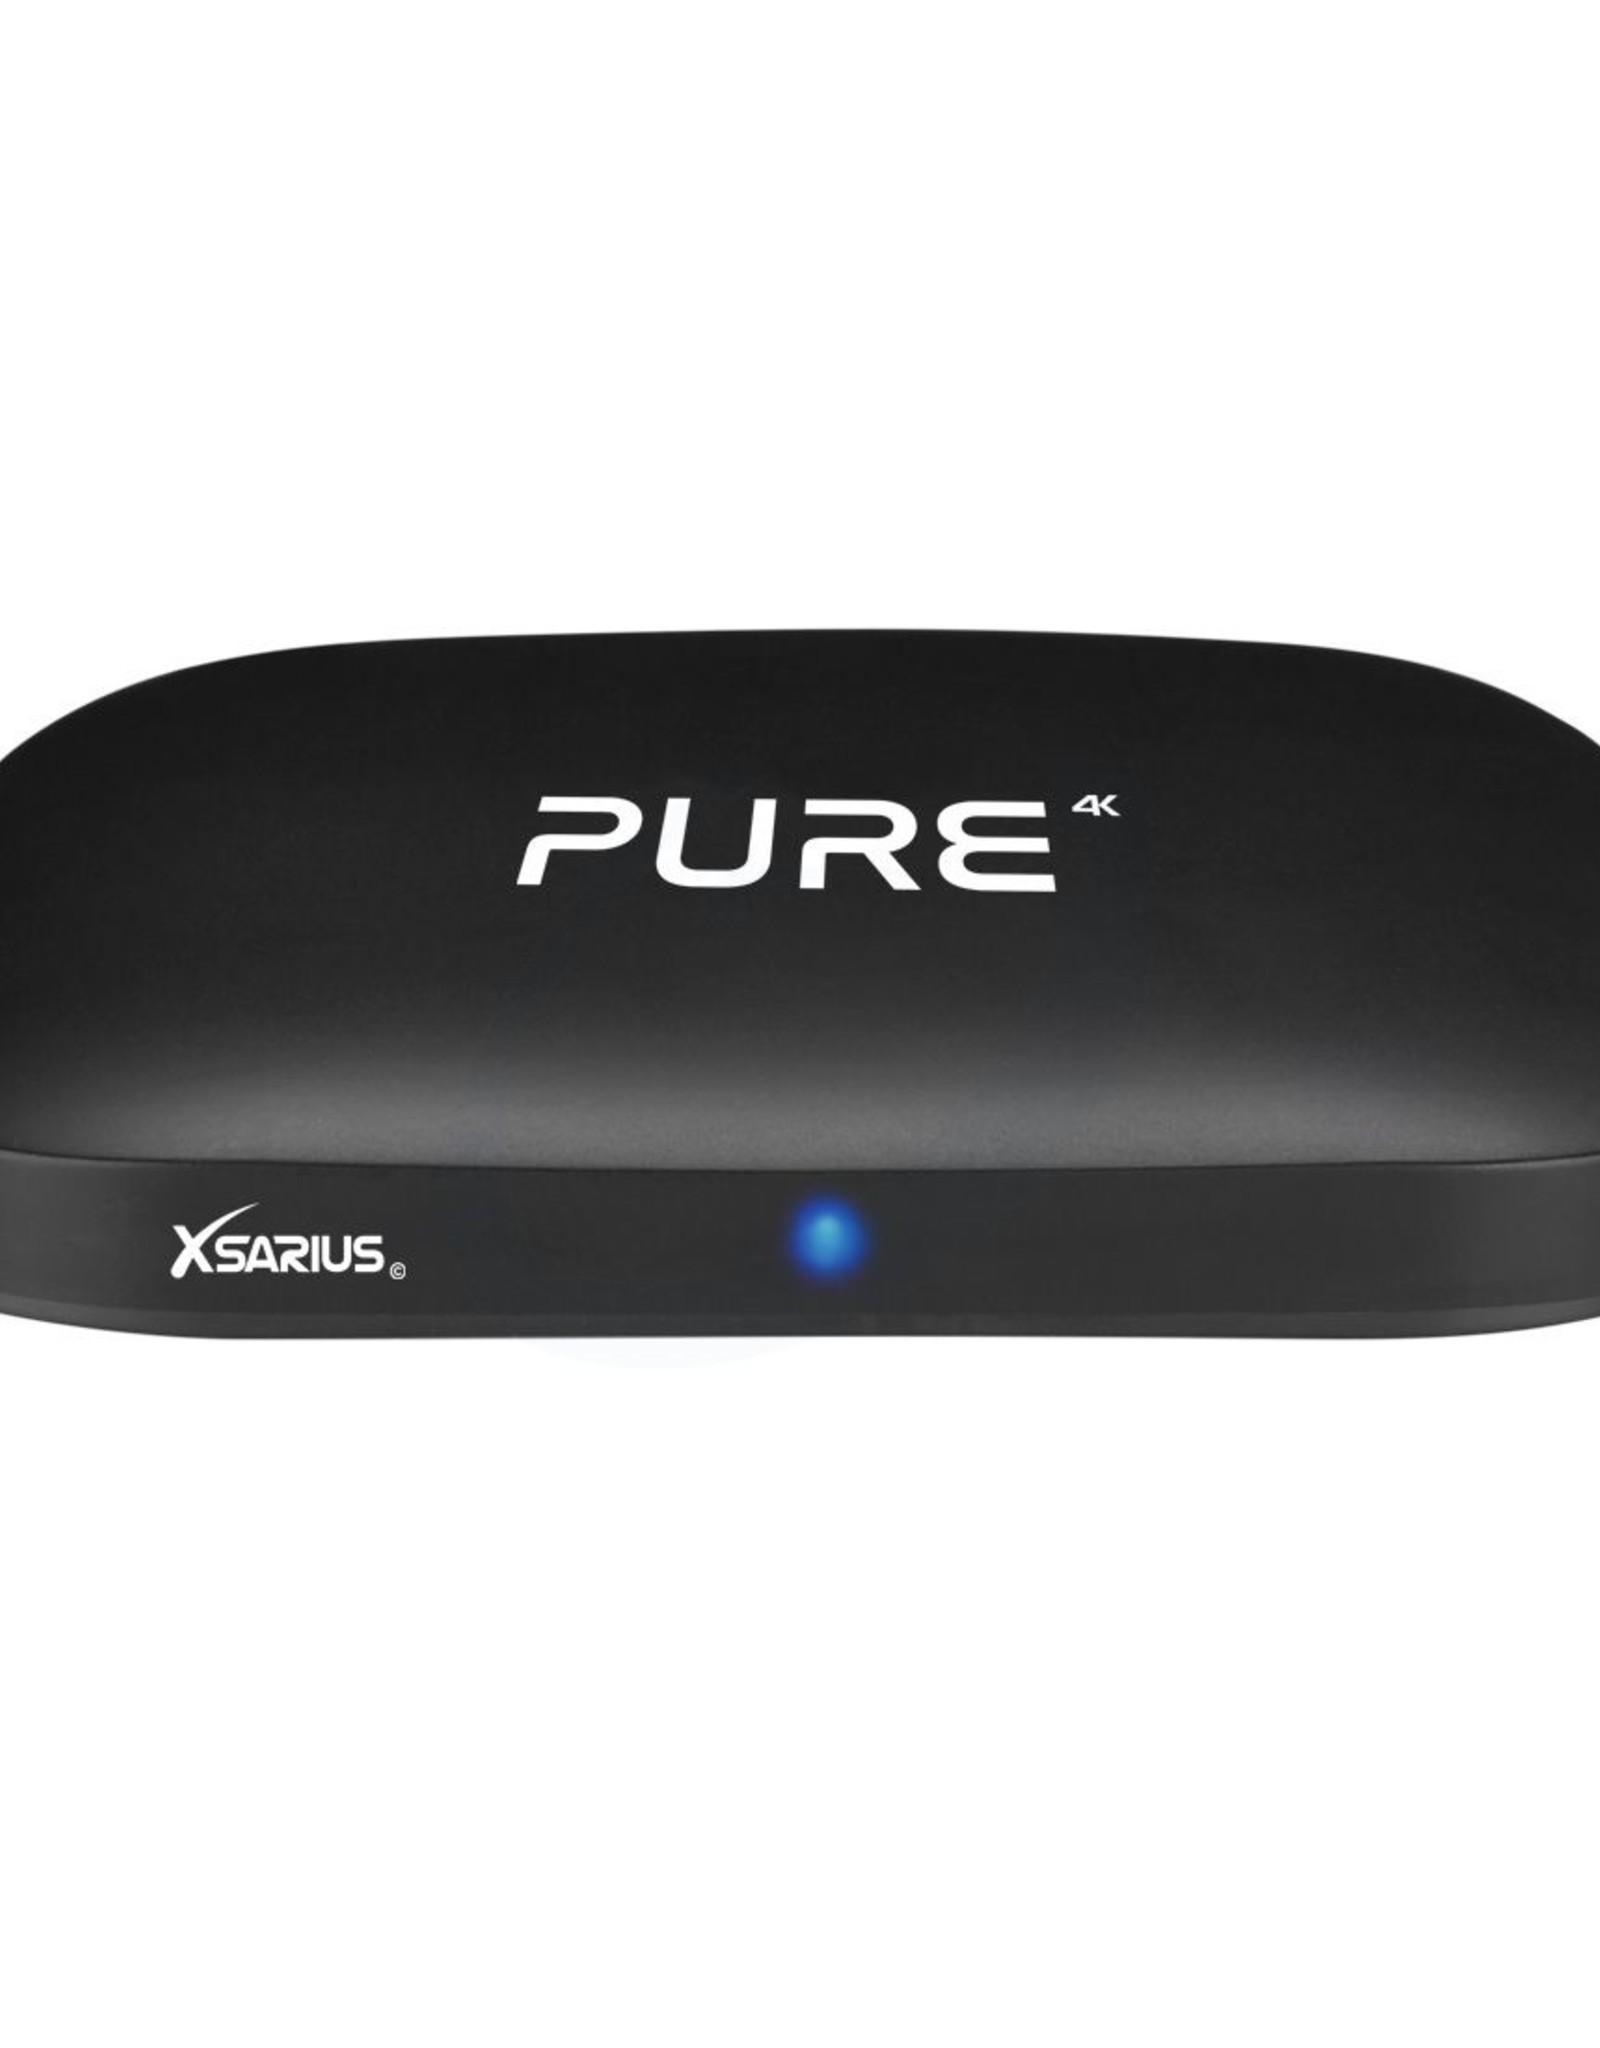 Xsarius Xsarius PURE 4K OTT - H.265 - Android 7.1 - Premium Box